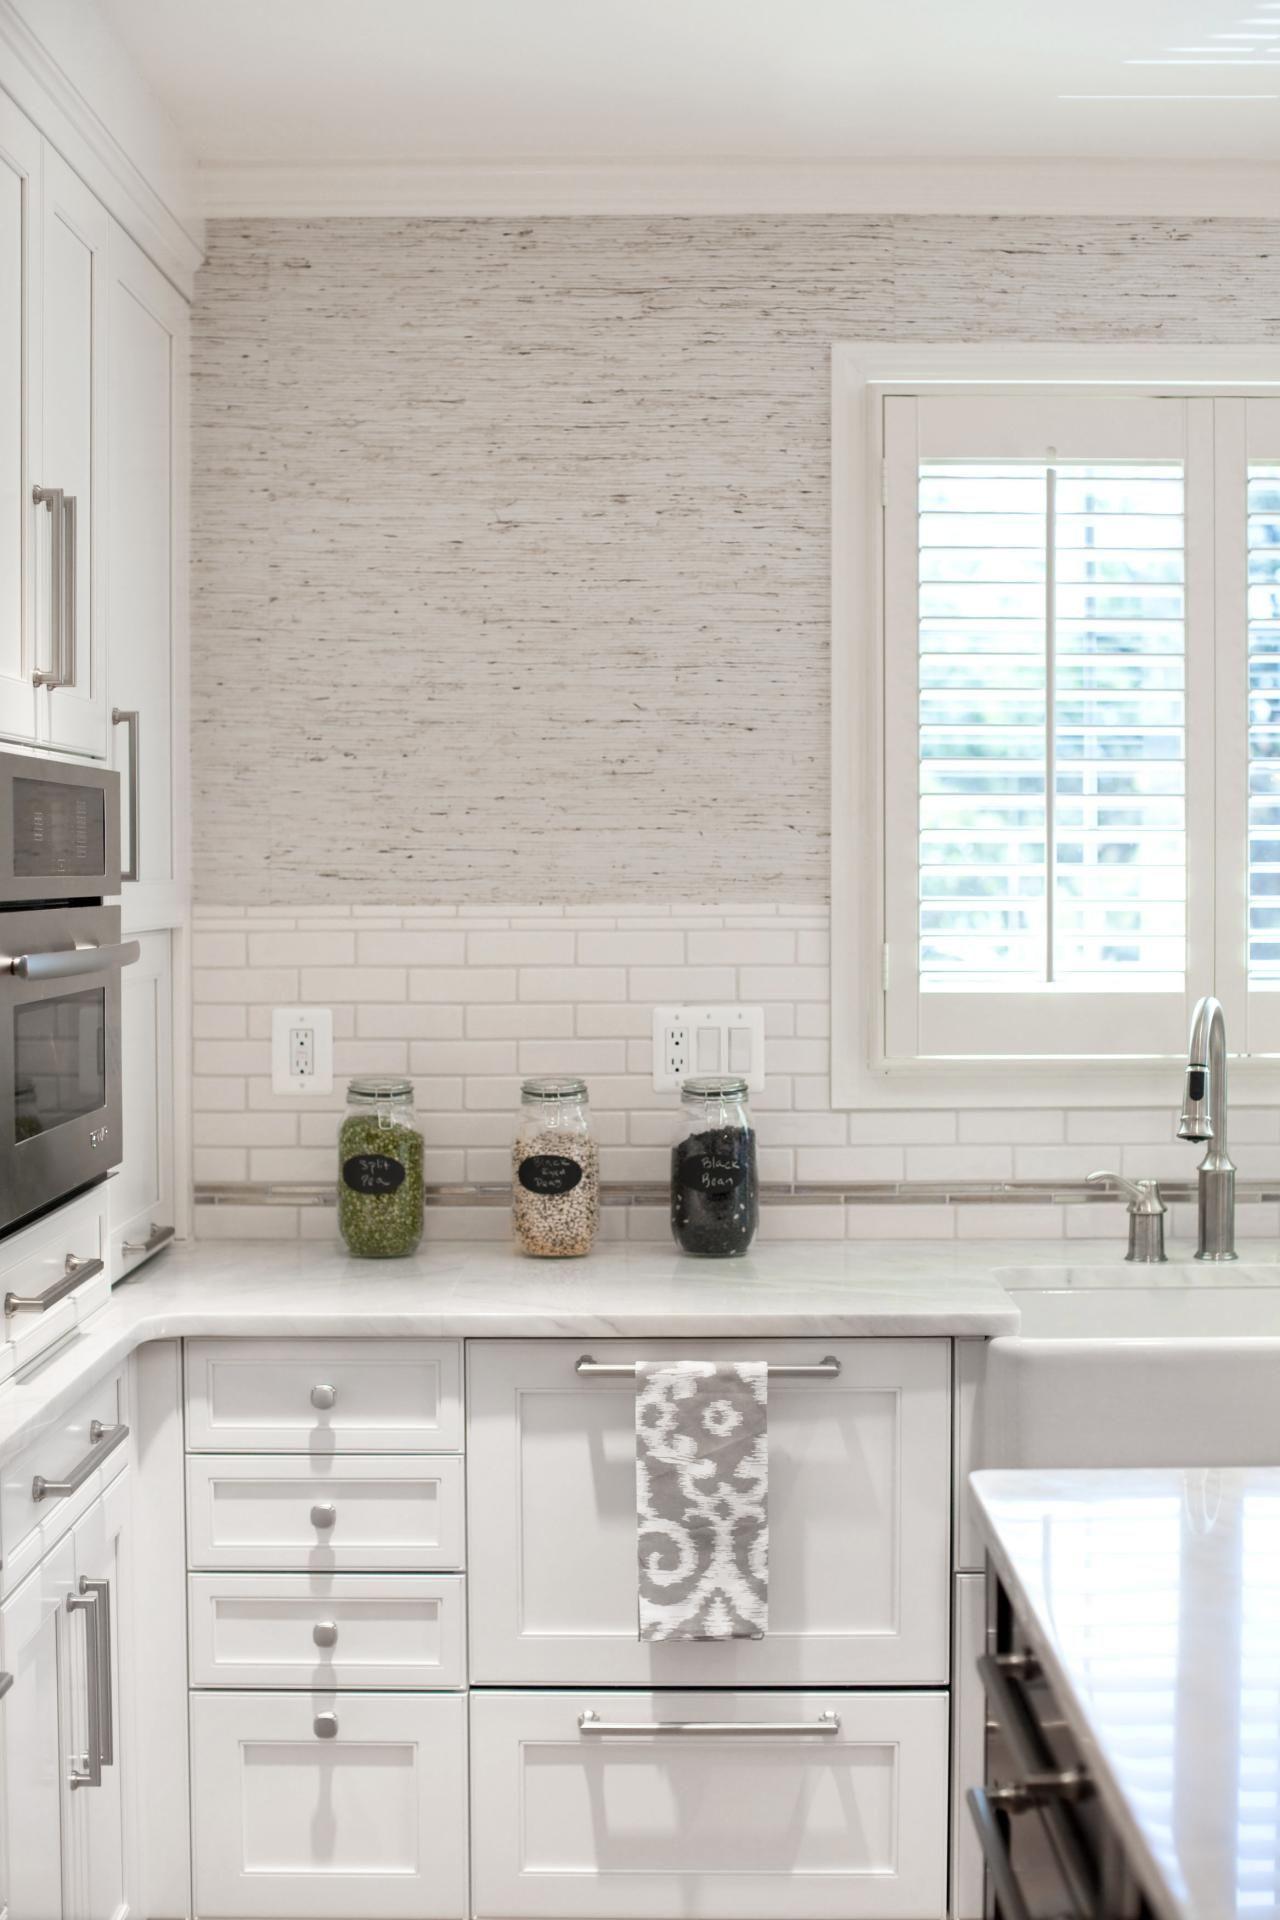 32+ Wallpaper Designs for Kitchen Backsplash on ...